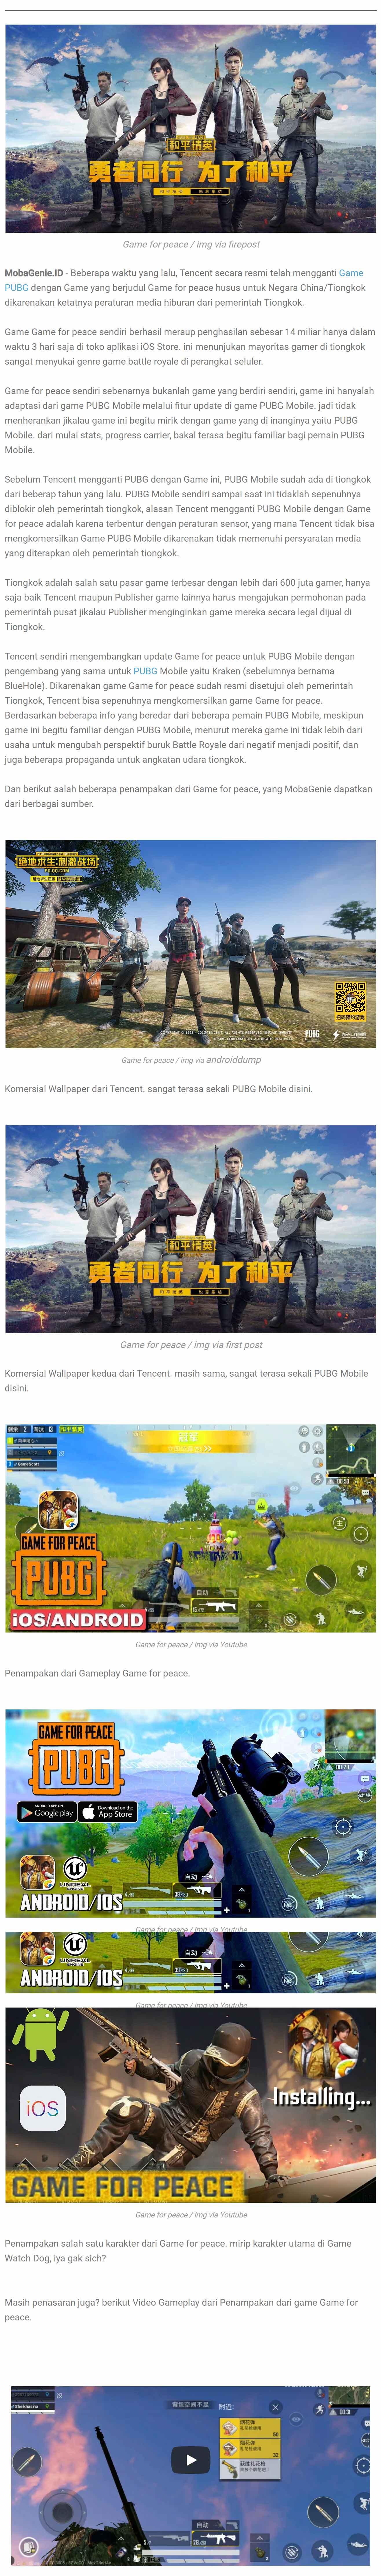 game-for-peace-pengganti-pubg-di-china-raup-14-miliar-dalam-3-hari-penampakan